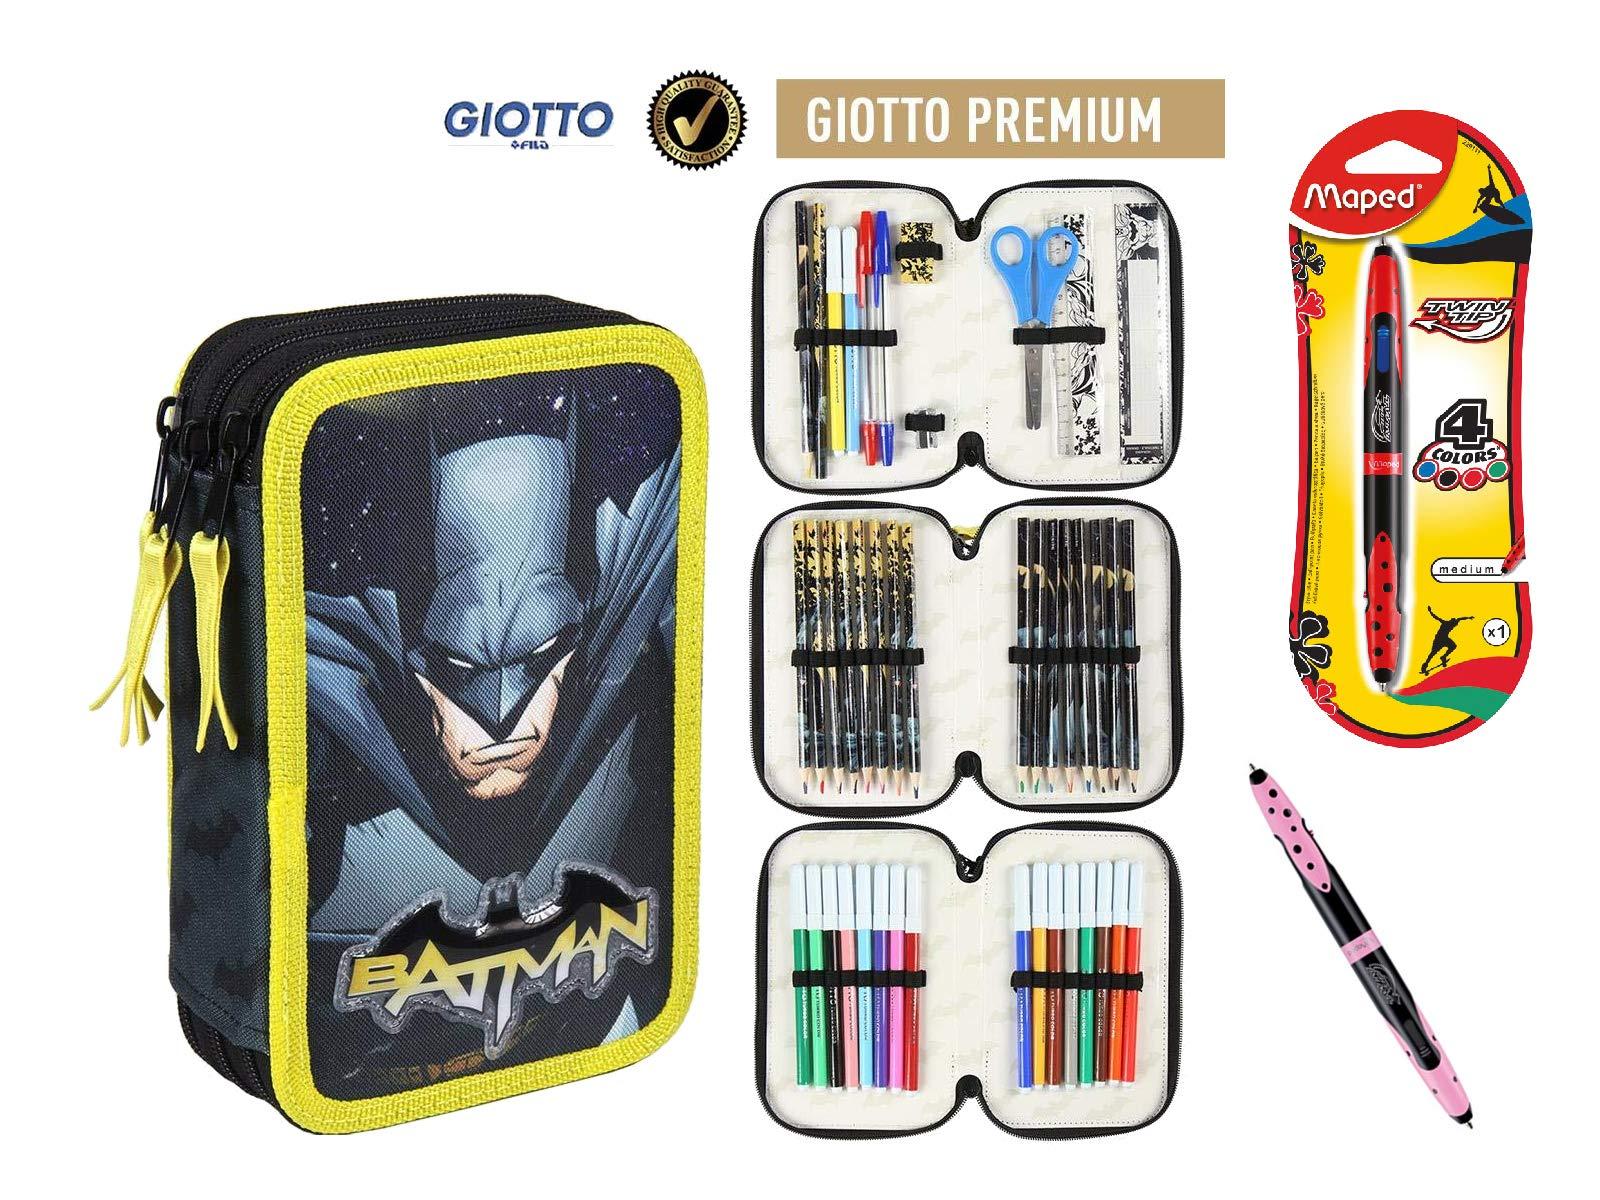 Cerdà Plumier Estuche Artesanía Premium de Cremallera Triple 3 Pisos Batman – 43 Piezas Contenido Giotto + Regalo